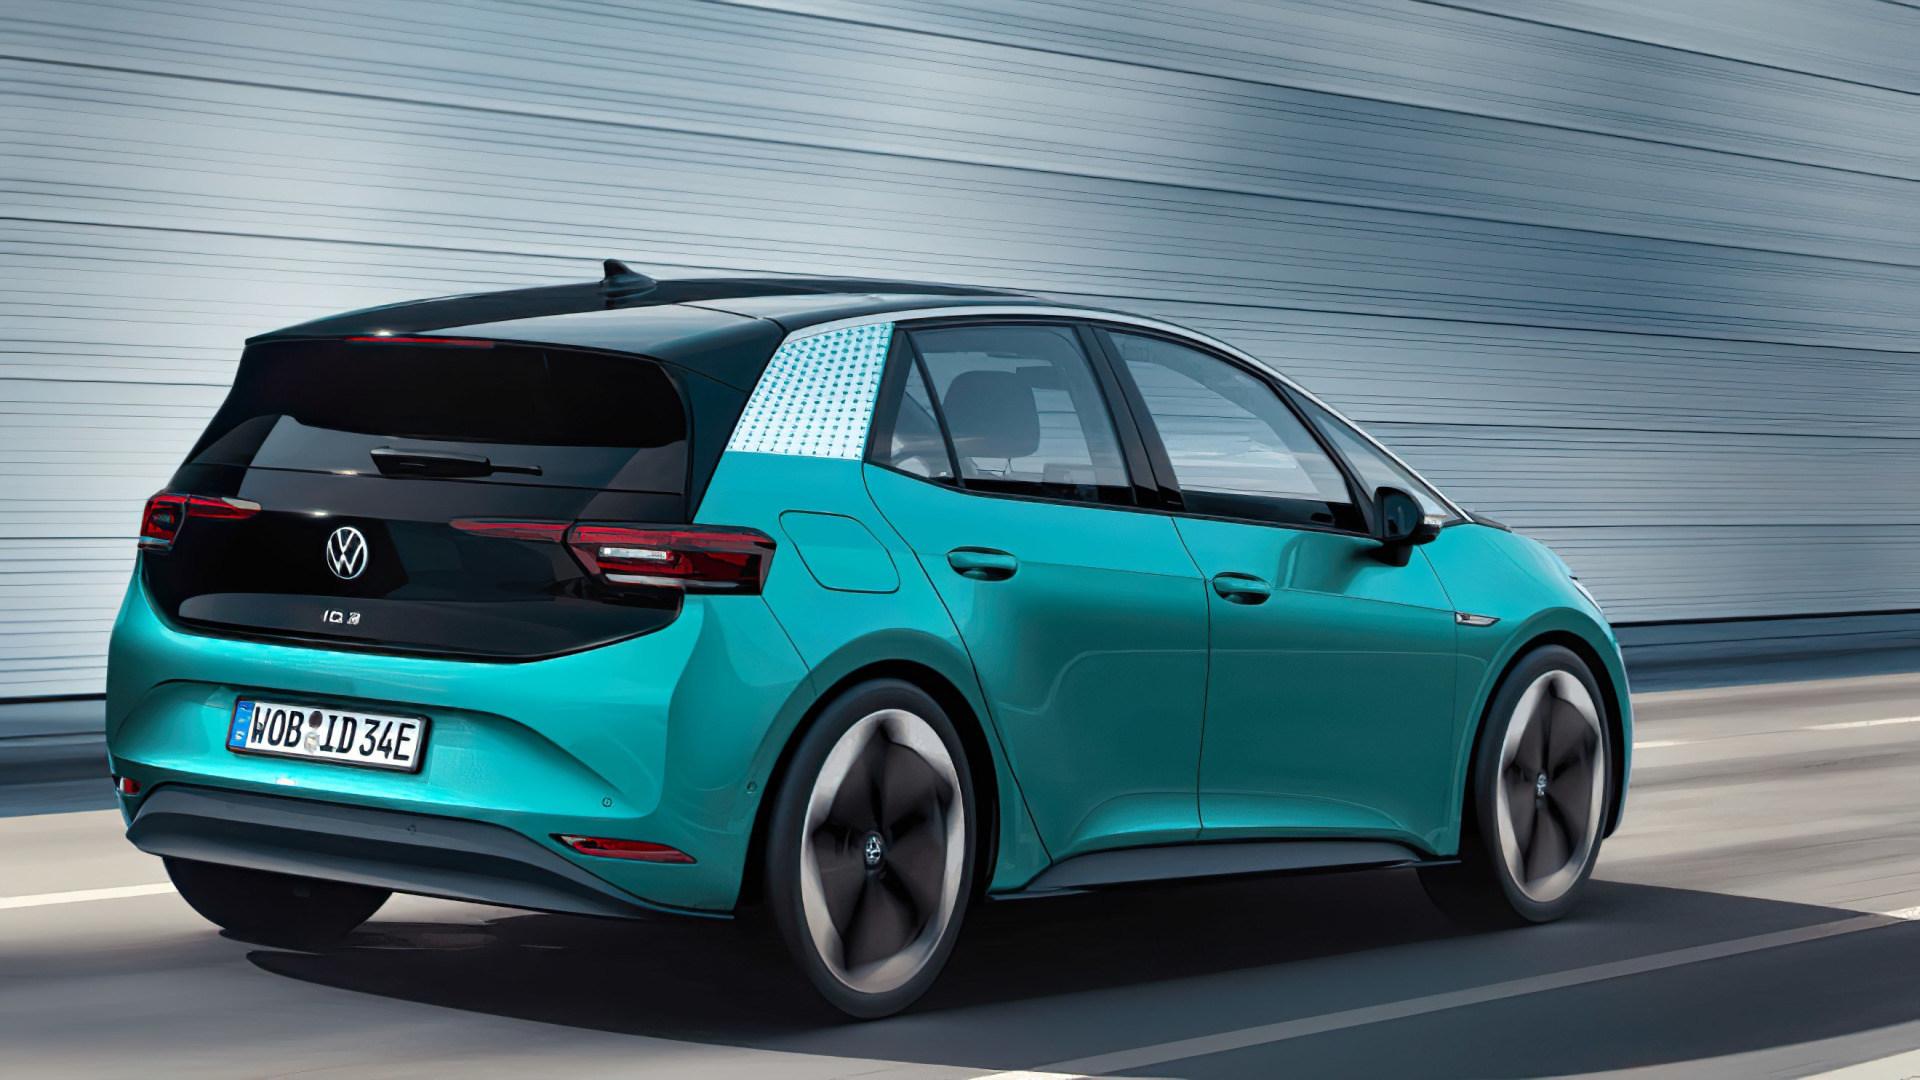 Elektromobilität, Elektroauto, E-Auto, Vw, volkswagen, ID.3